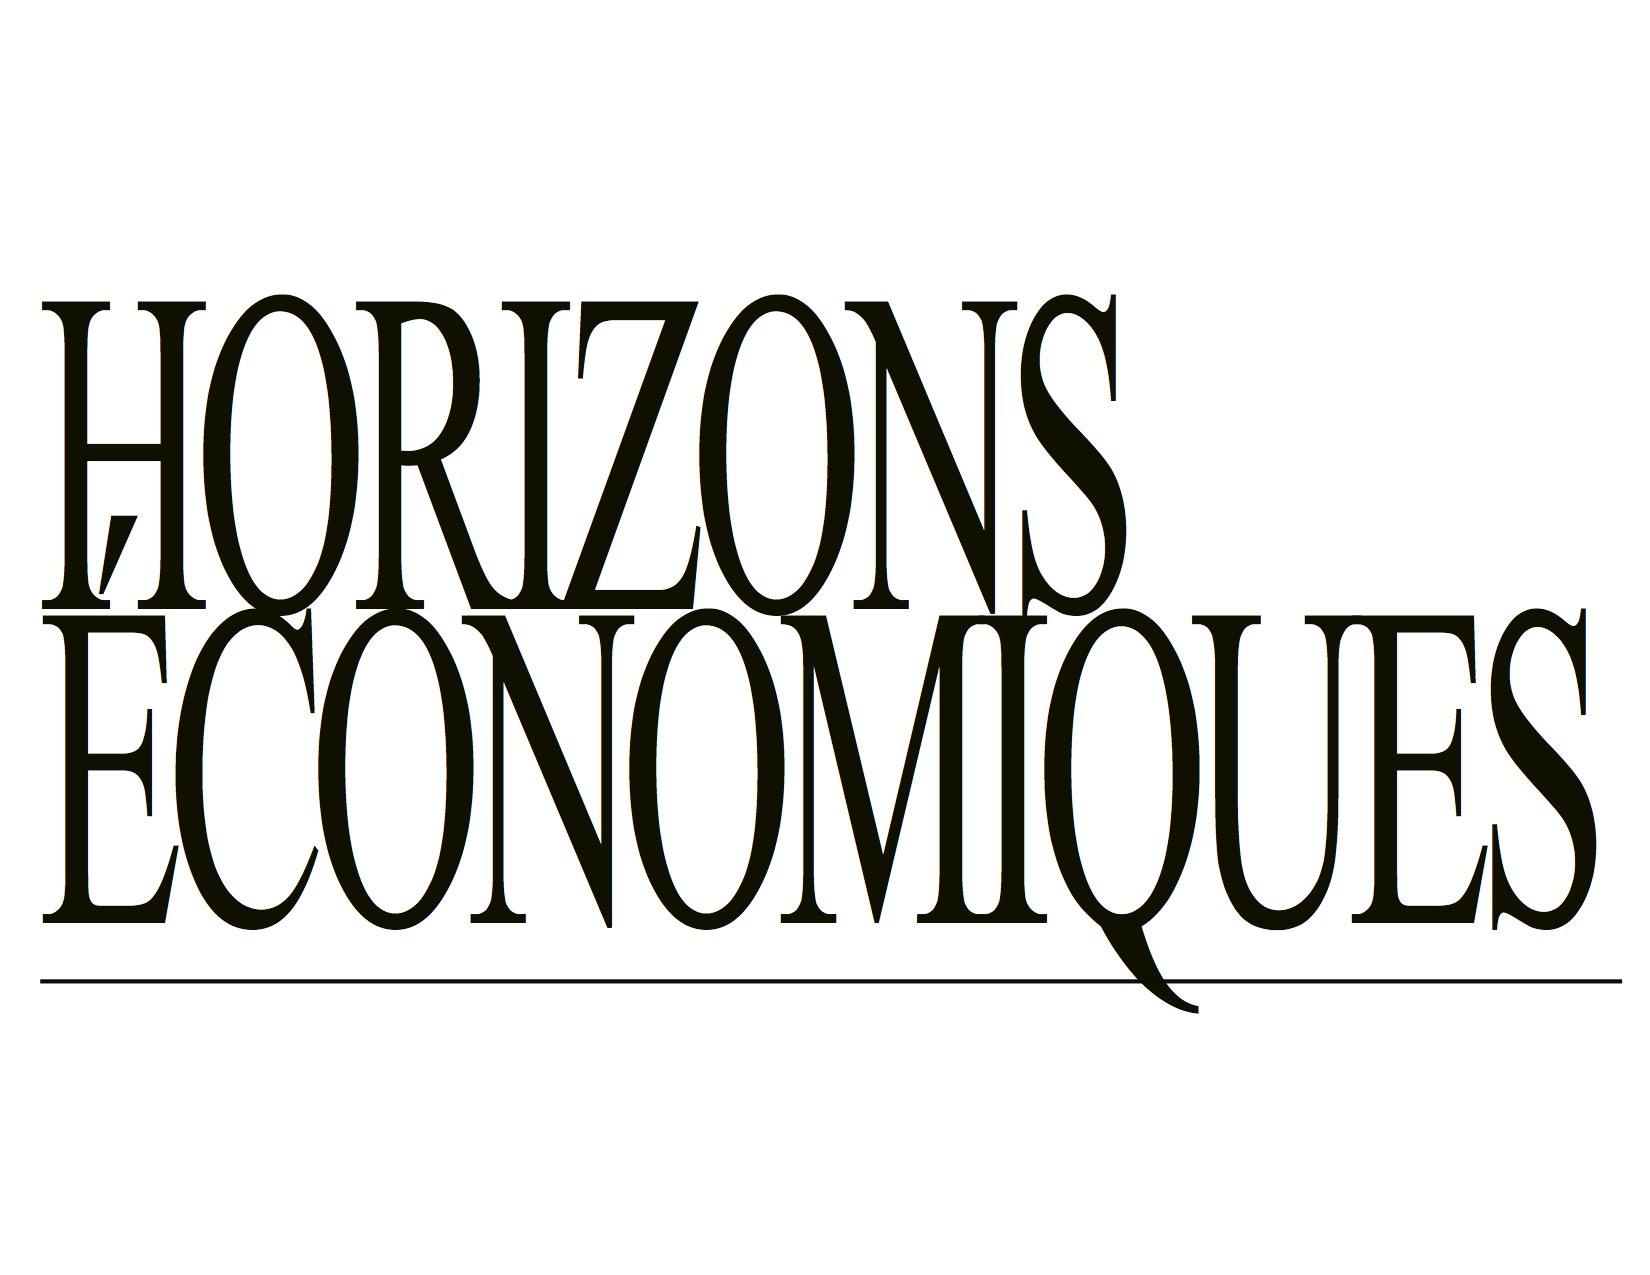 Journal économique de l'UQÀM